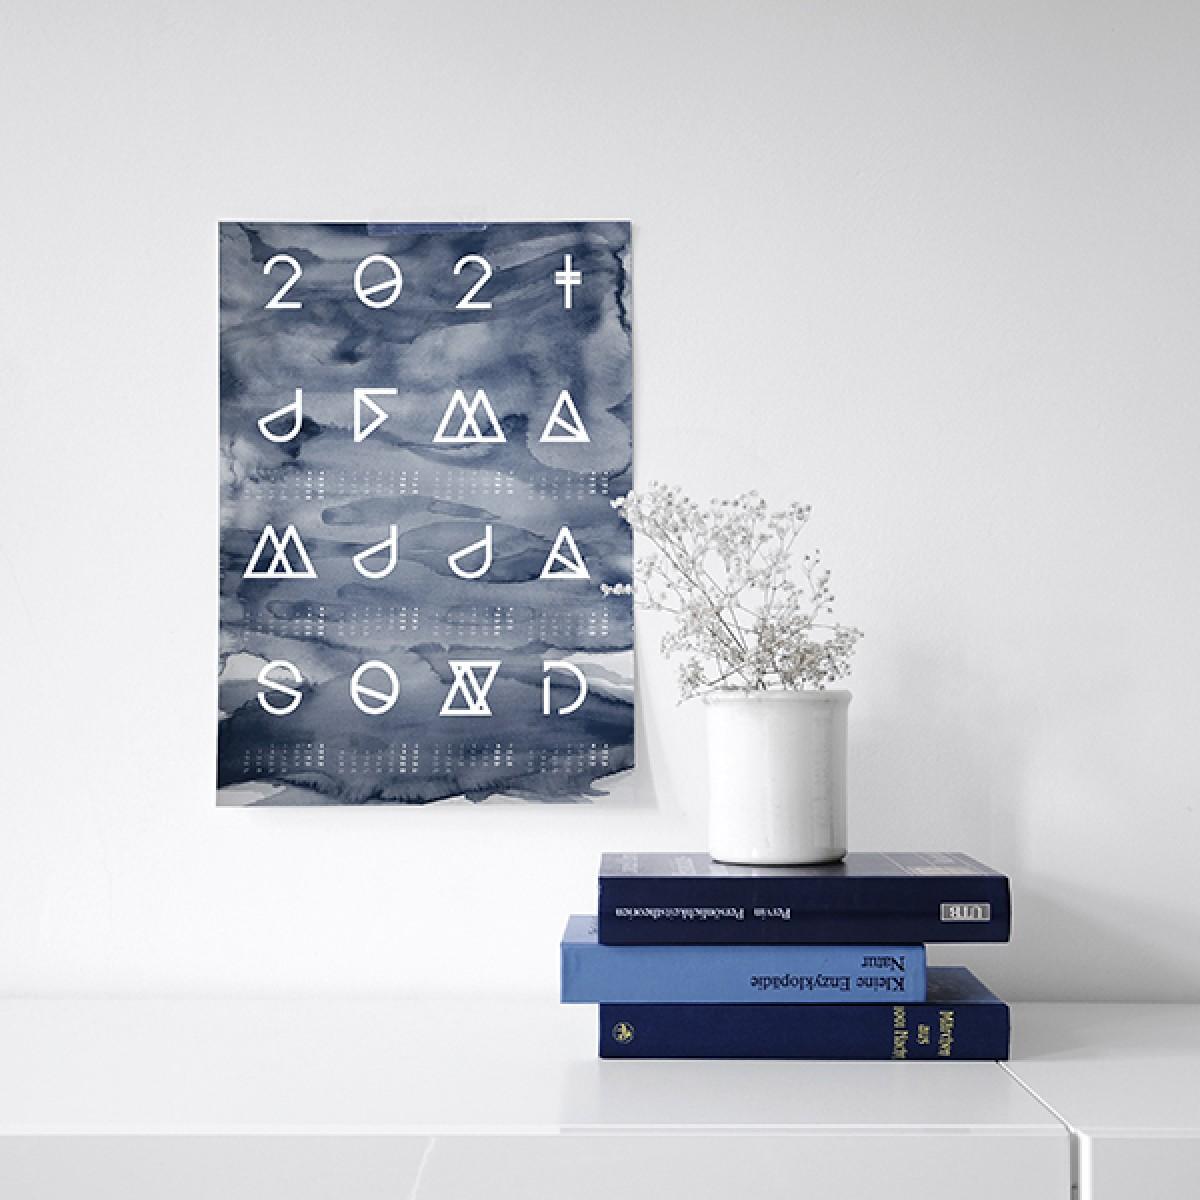 nahili 2021 KALENDER Geometrical ABC (diverse Farben - schwarz - A3 / 50x70 Poster)